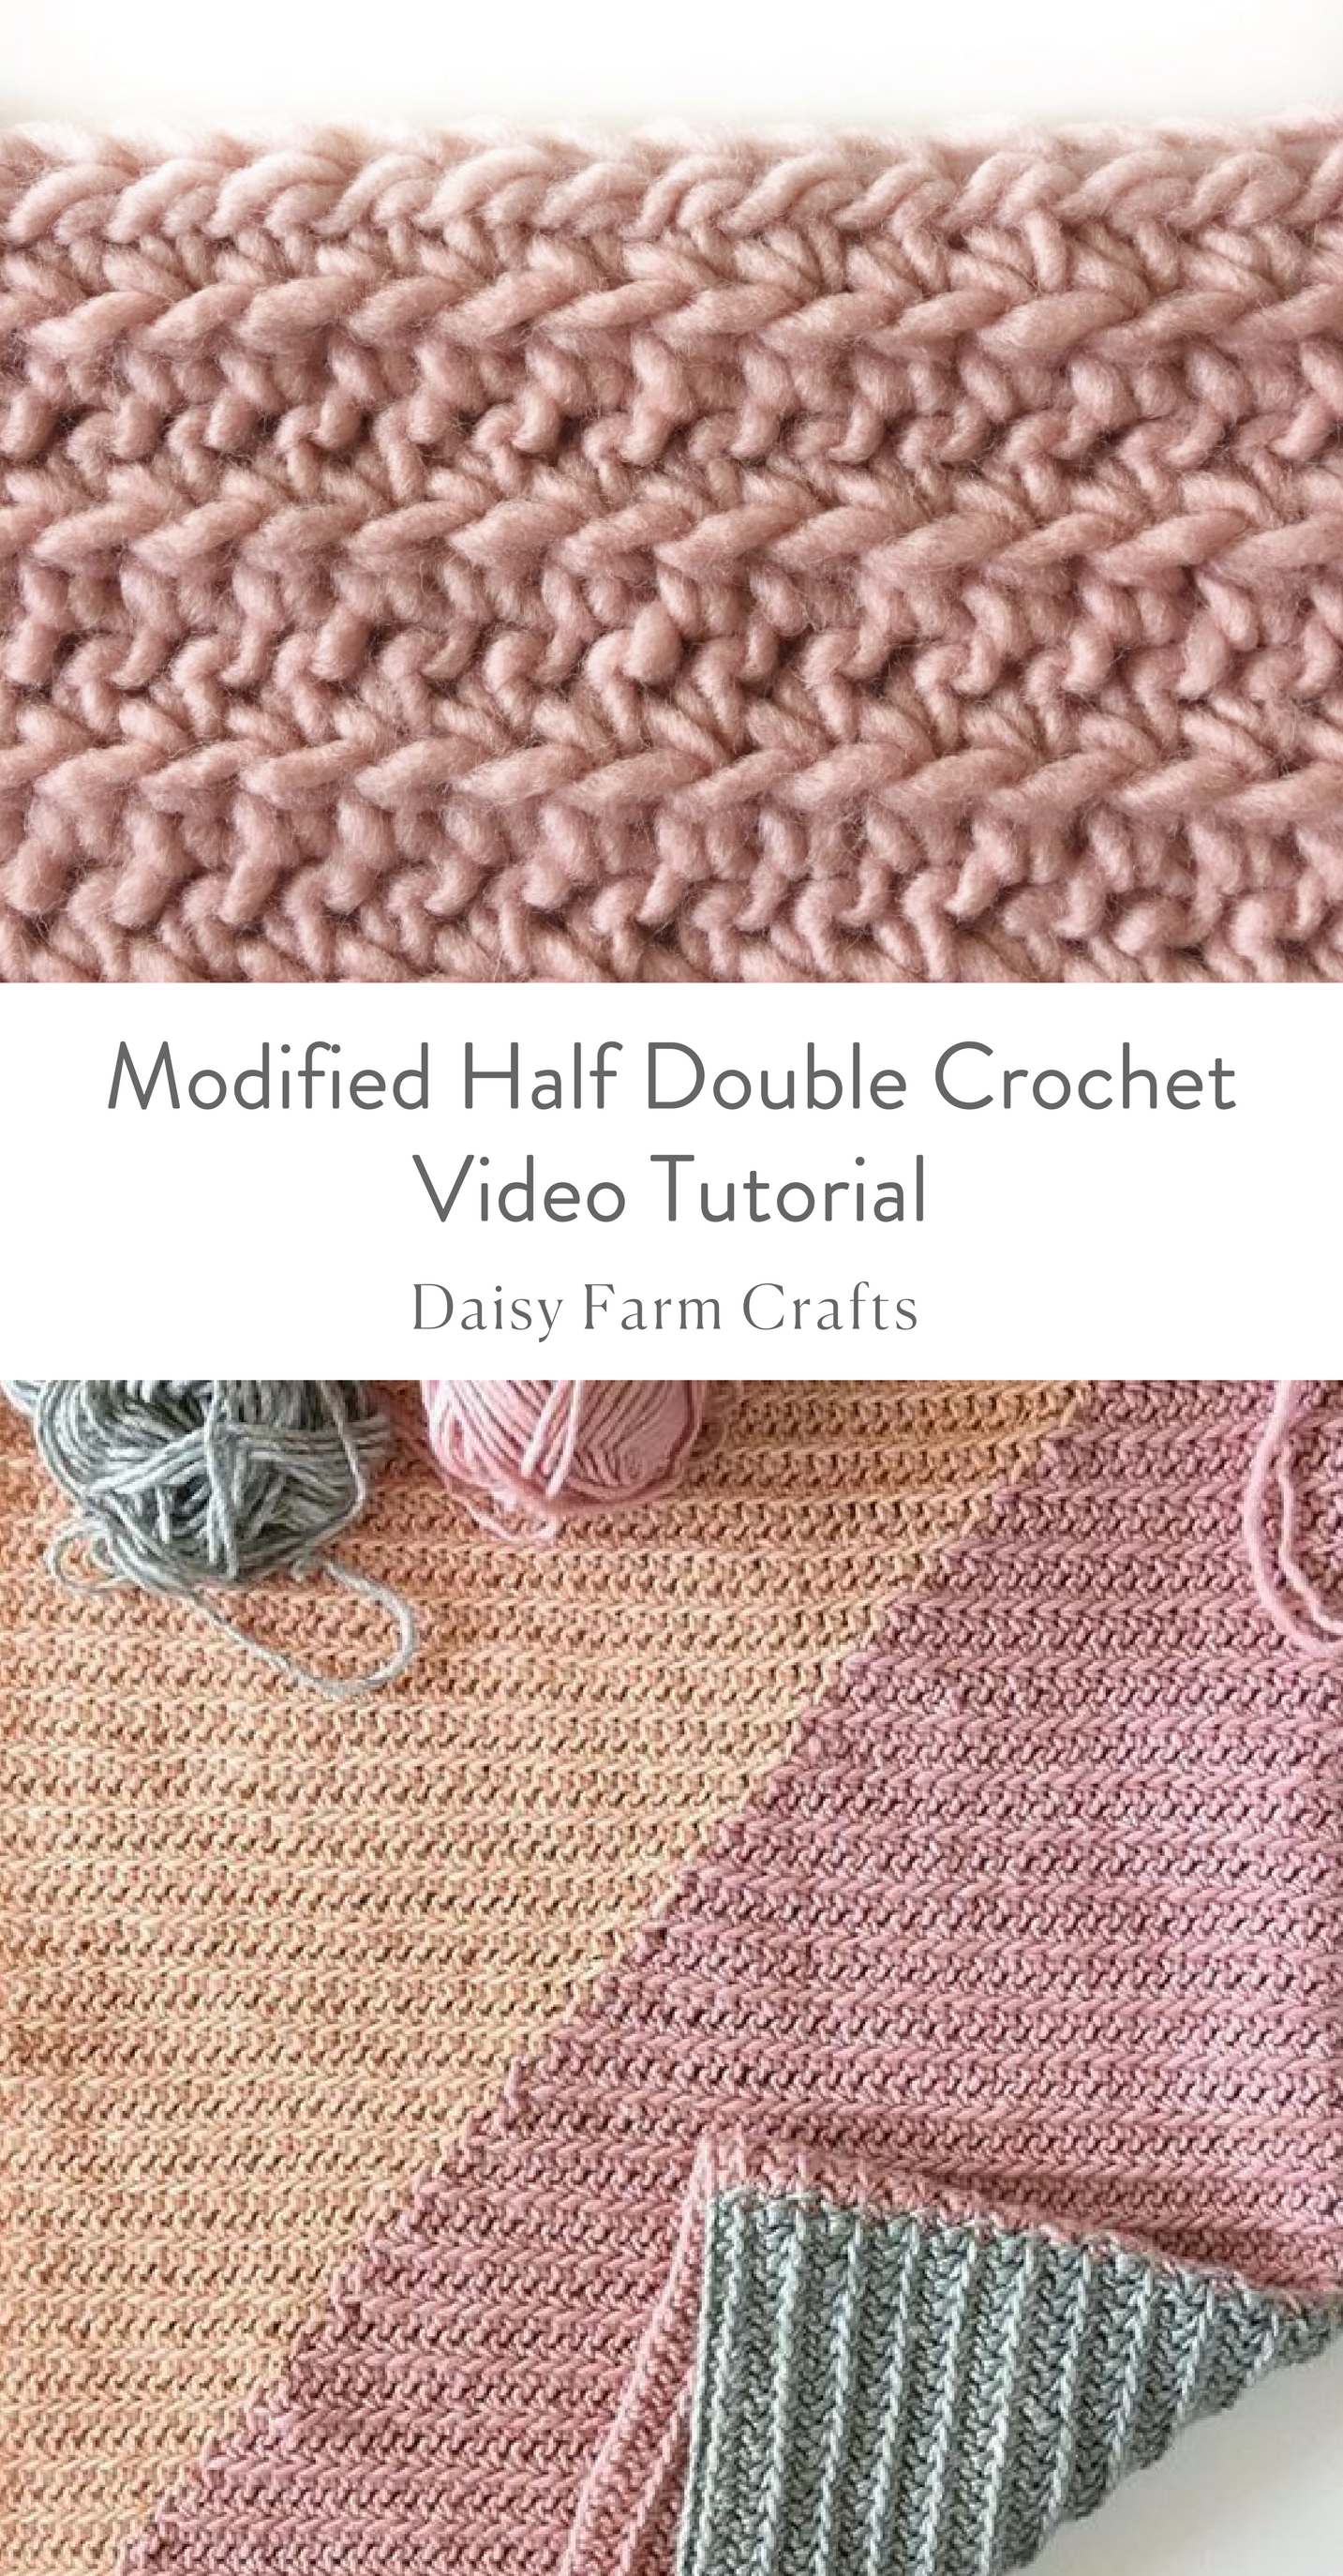 Modified Half Double Crochet Stitch Video Tutorial Granny Square